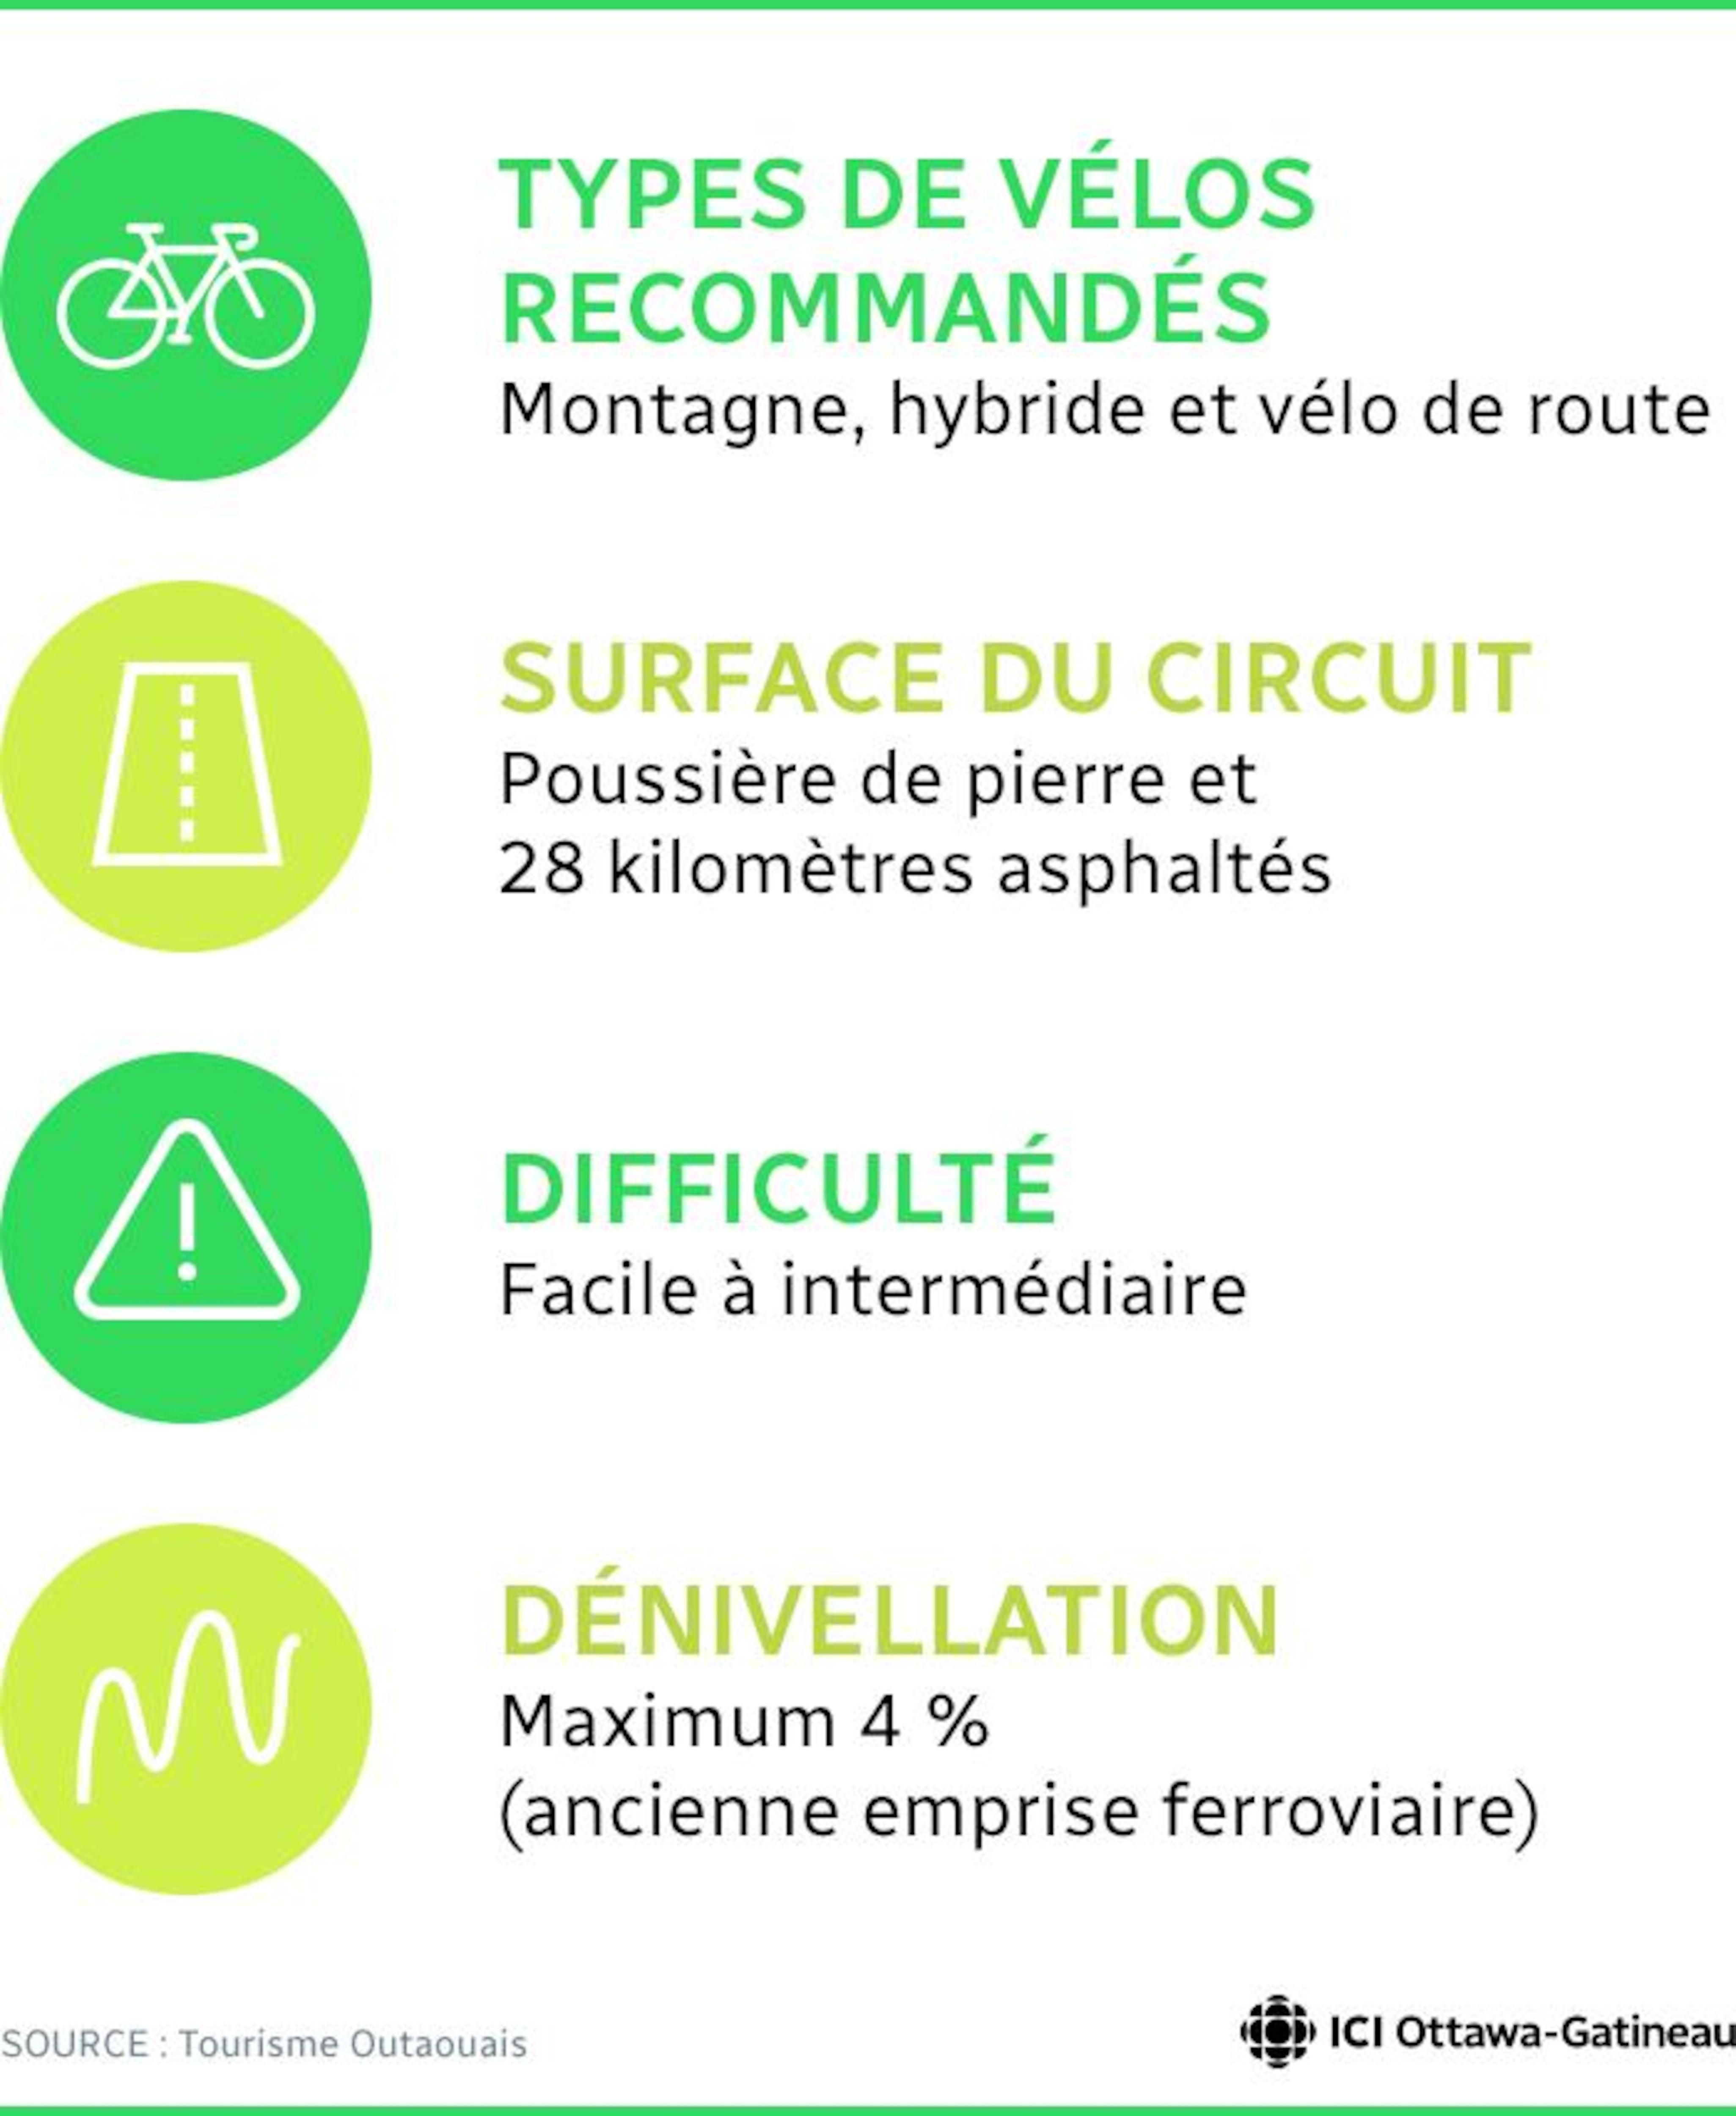 Type de vélos recommandés : Montagne, hybride et vélo de route; Surface du circuit : Poussière de pierre et 28 kilomètres asphaltés; Difficulté : Facile à intermédiaire; Dénivellation : Maximum 4 % (ancienne emprise ferroviaire). Source : Tourisme Outaouais.